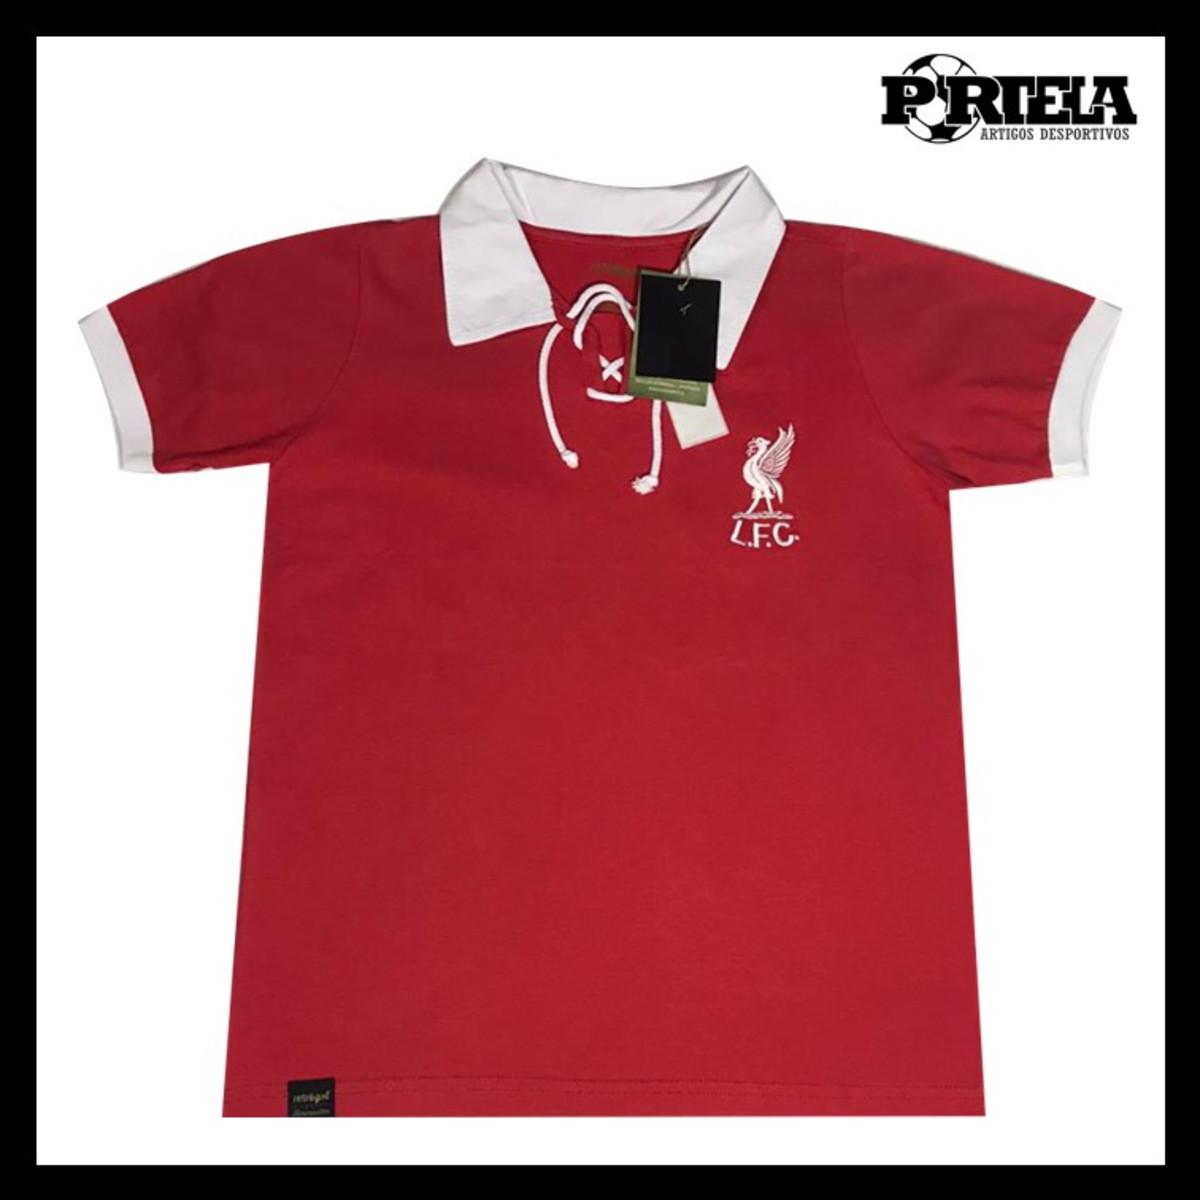 Camisa Vermelha Em Homenagem Ao Liverpool De 1970 No Elo7 Patricia Aparecida De Oliveira Portela 112749b